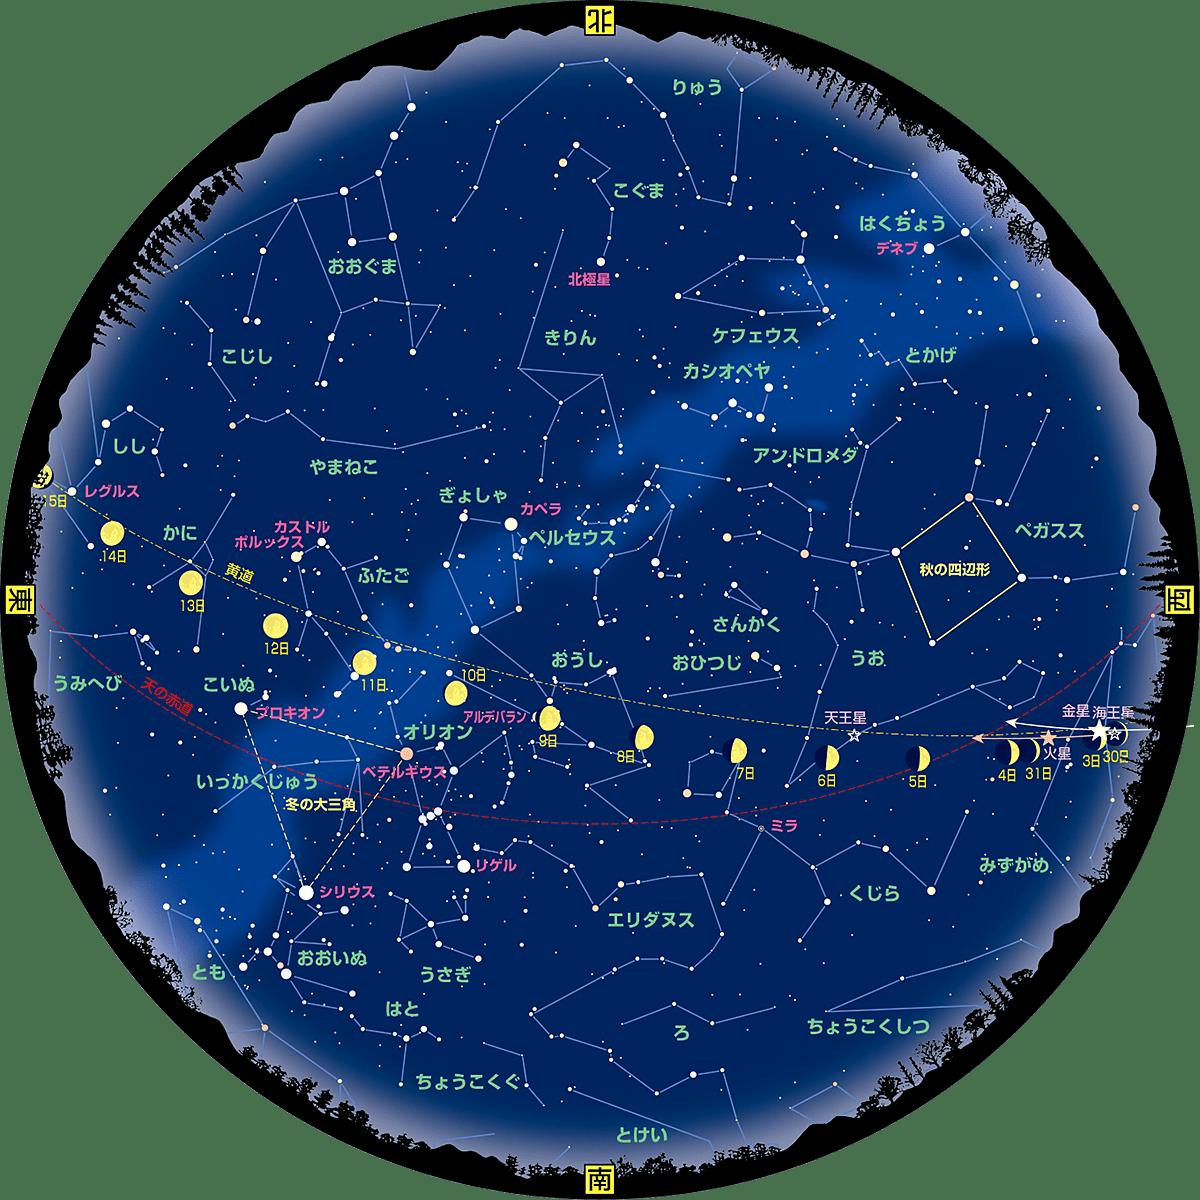 2017年1月の星空ガイド - アストロアーツ